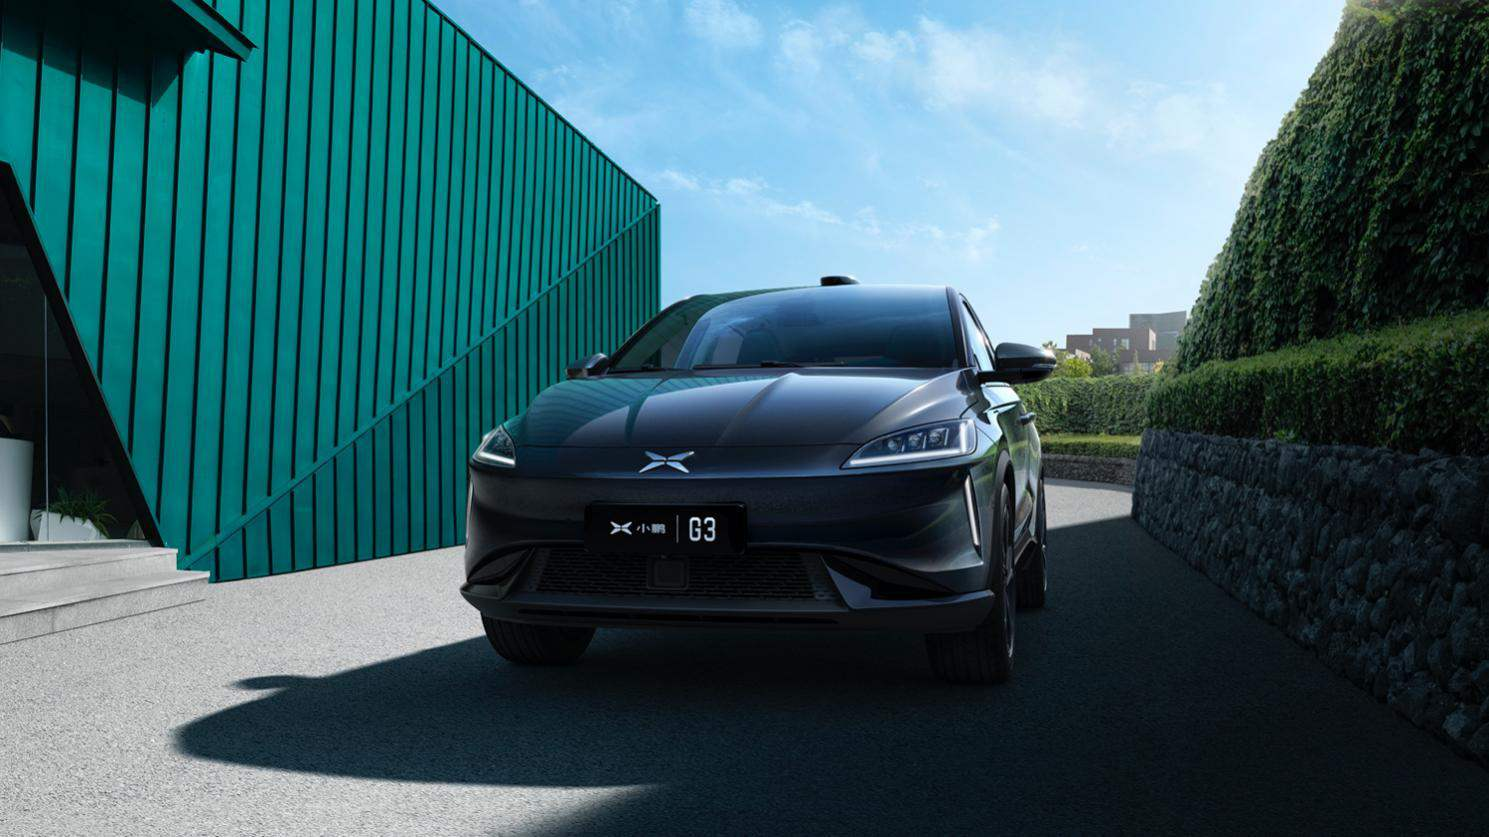 斑马「狂奔」:携手一汽大众,成为汽车行业的新供给力量